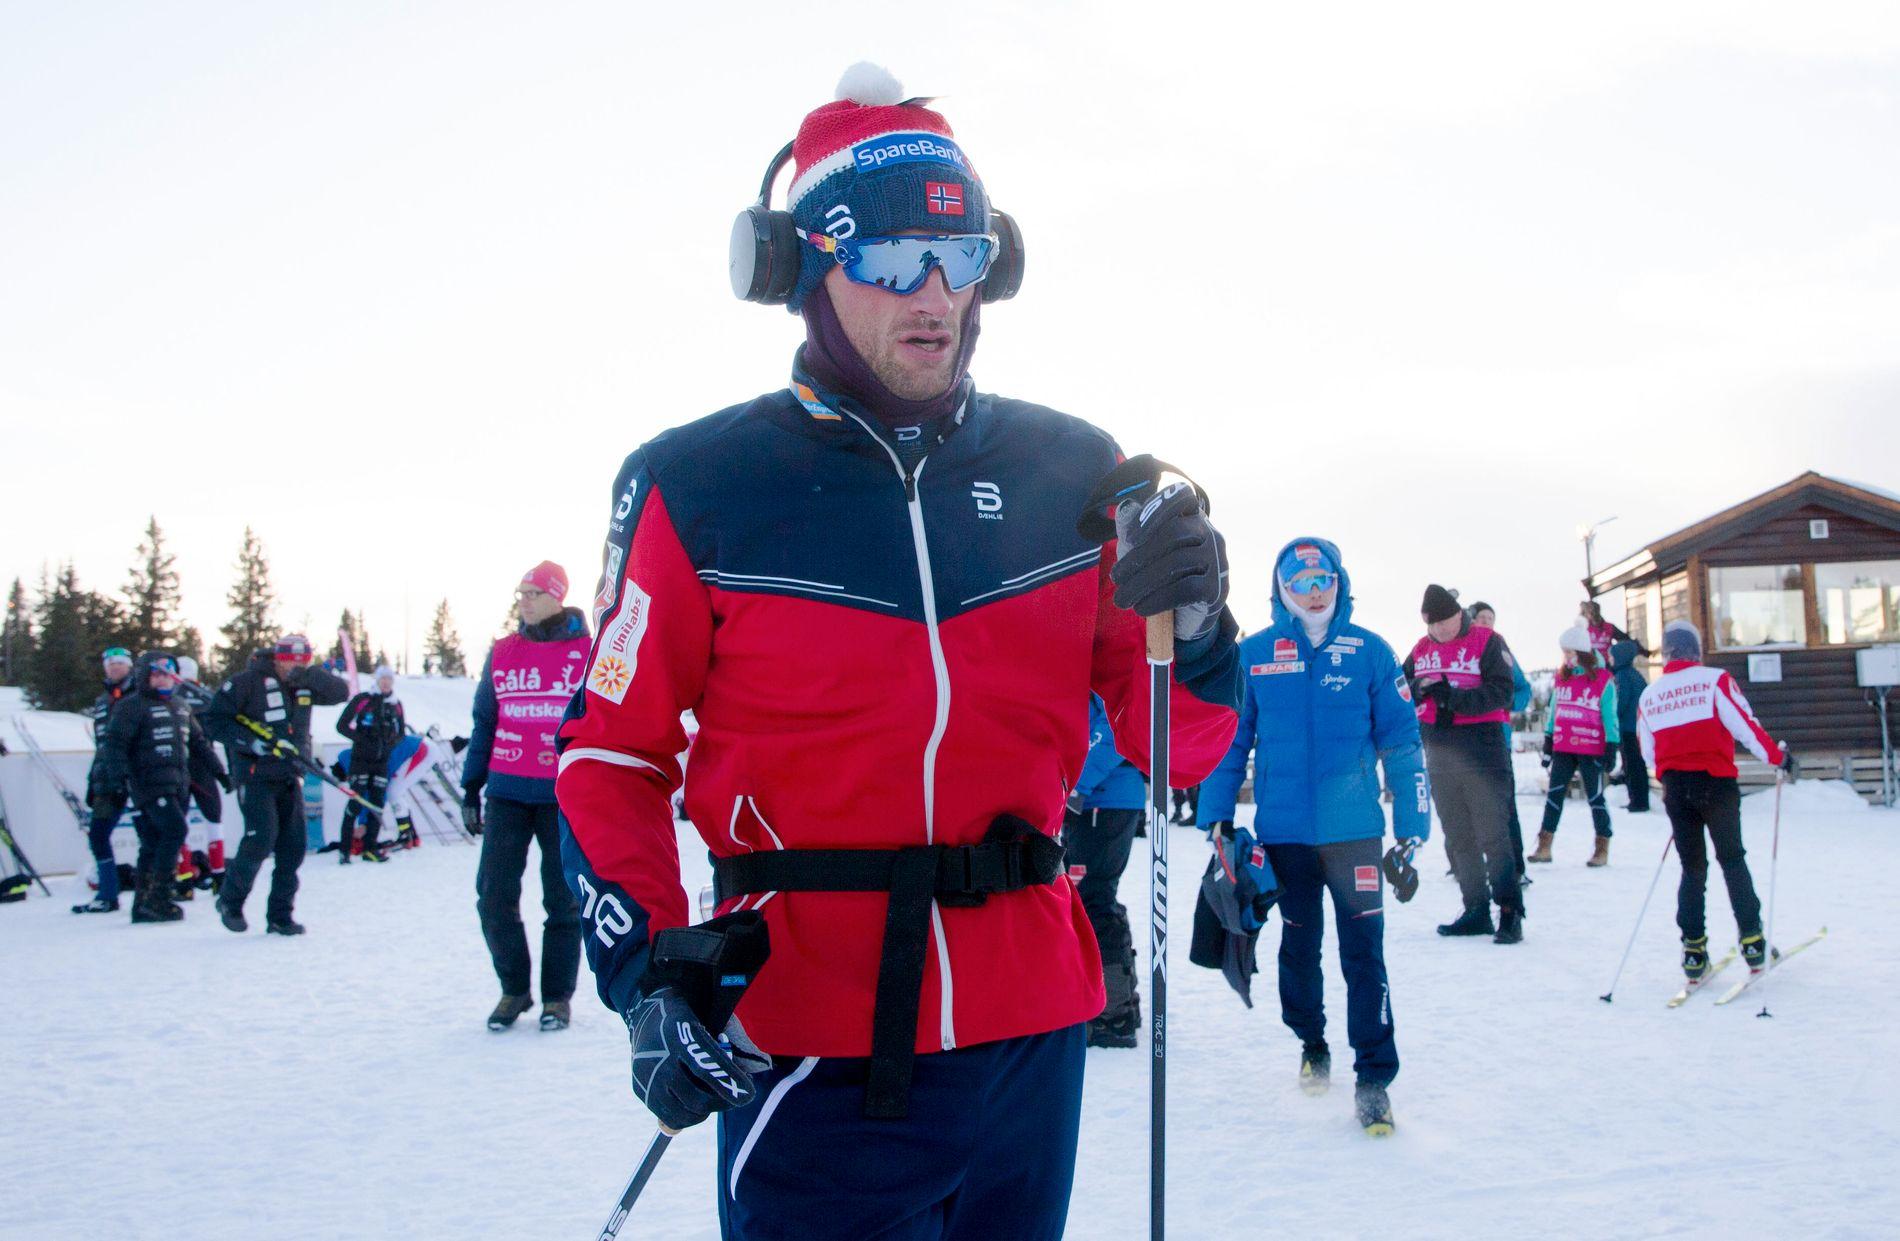 SISTE DYST: Petter Northug varmer opp før Gålå-sprinten i fjor høst. Etter norgescuprennene på Gålå, gikk Northug knapt et renn hele sesongen.